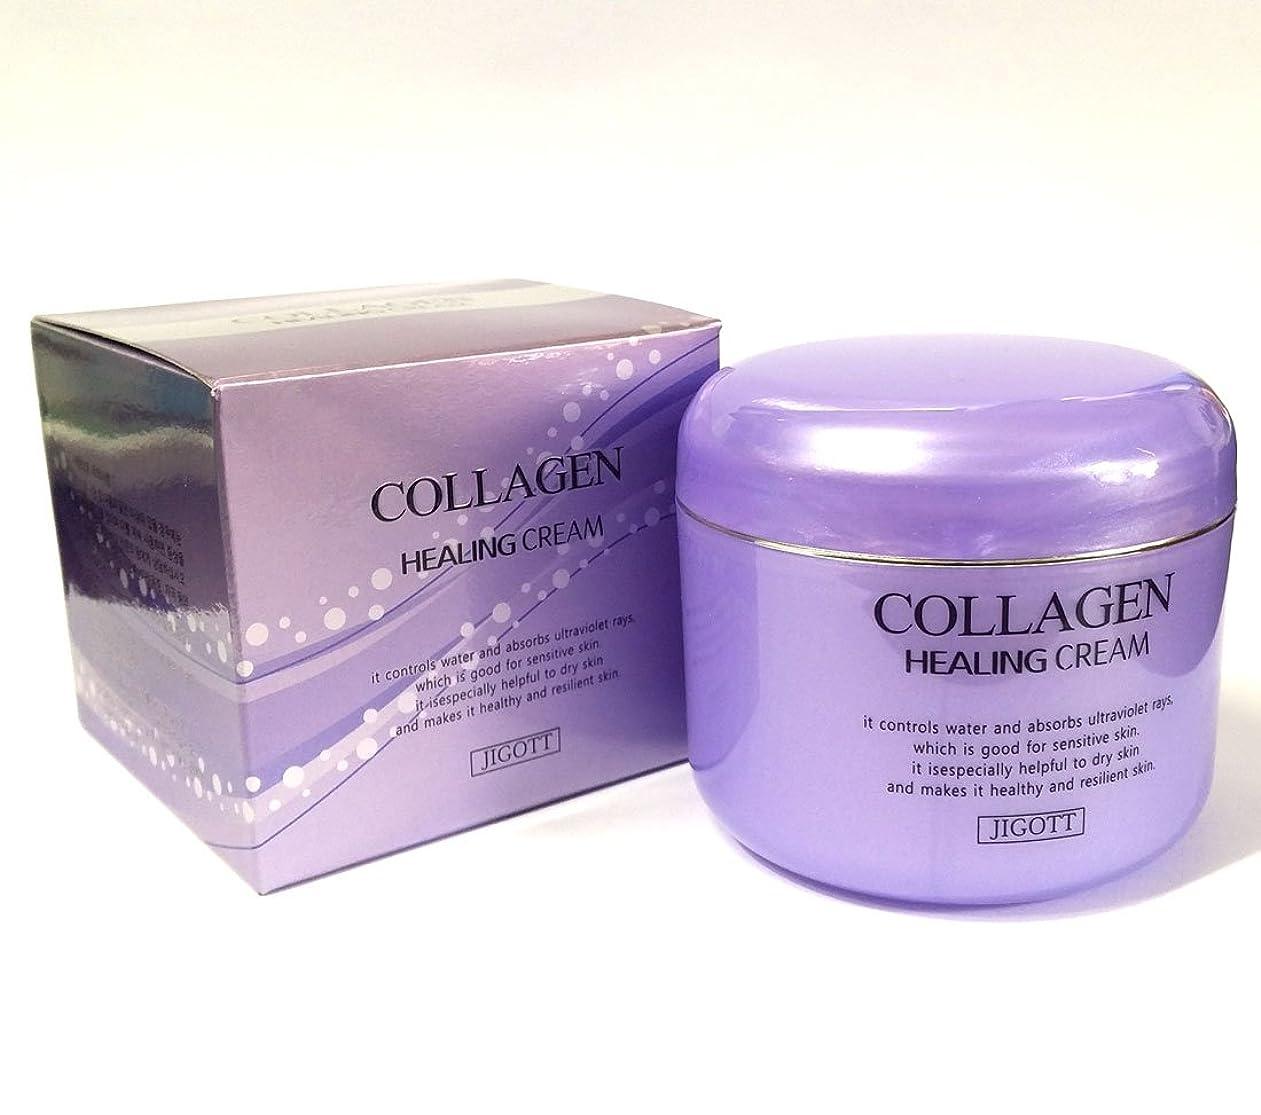 グレー付き添い人酸度[JIGOTT] コラーゲンヒーリングクリーム100g/Collagen Healing Cream 100g/保湿、栄養/韓国化粧品/moisturizing,nourishing/Korean Cosmetics (2EA) [並行輸入品]